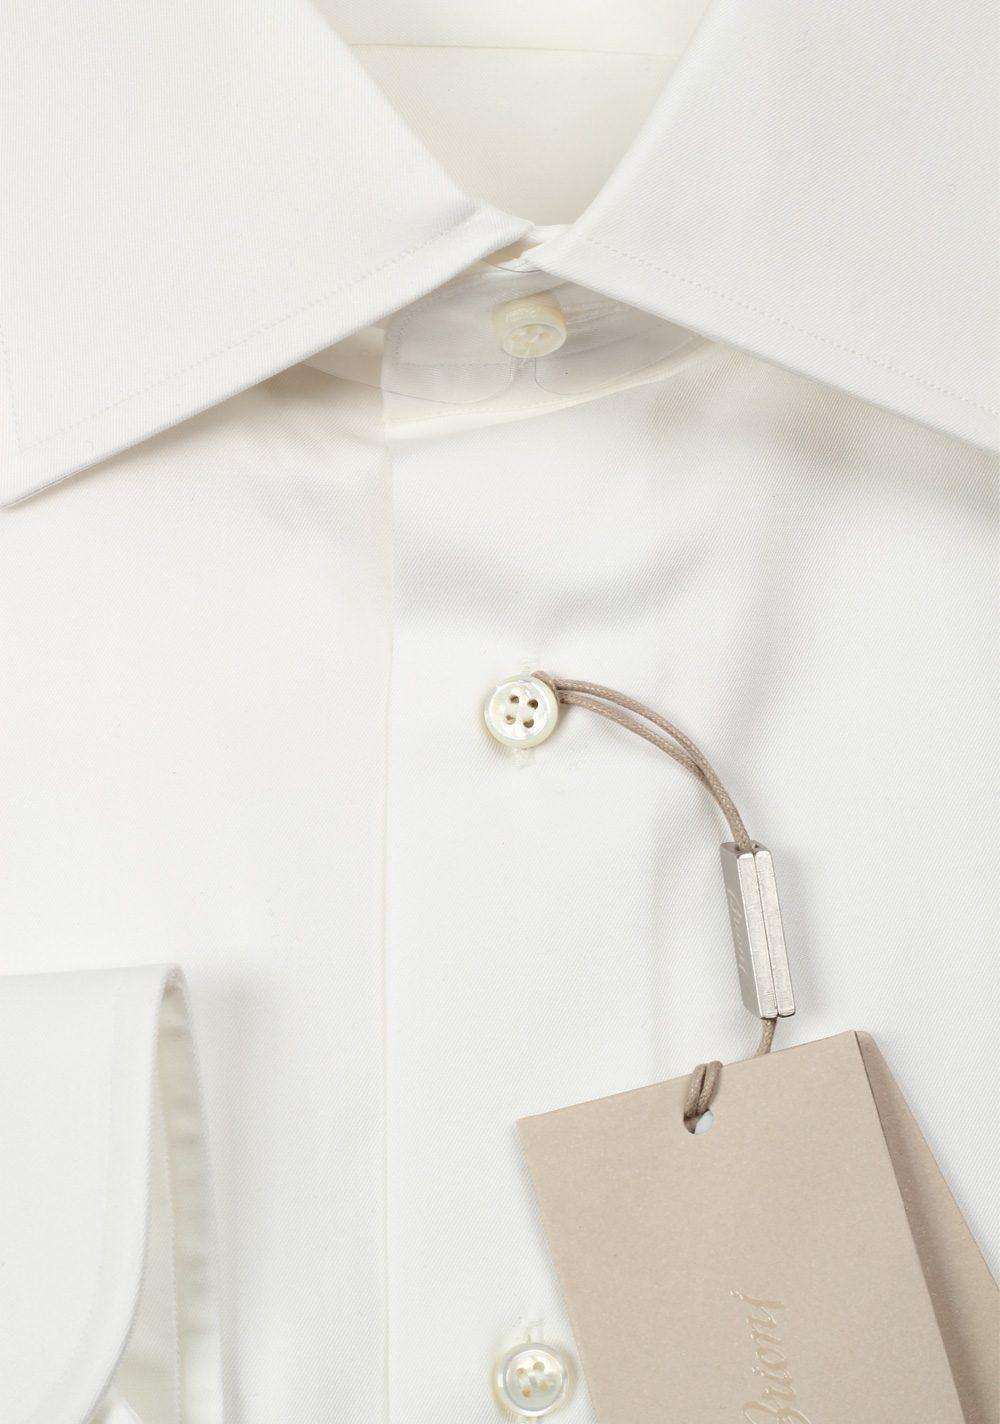 Brioni Solid White Shirt Size 45 / 17.75 U.S. | Costume Limité